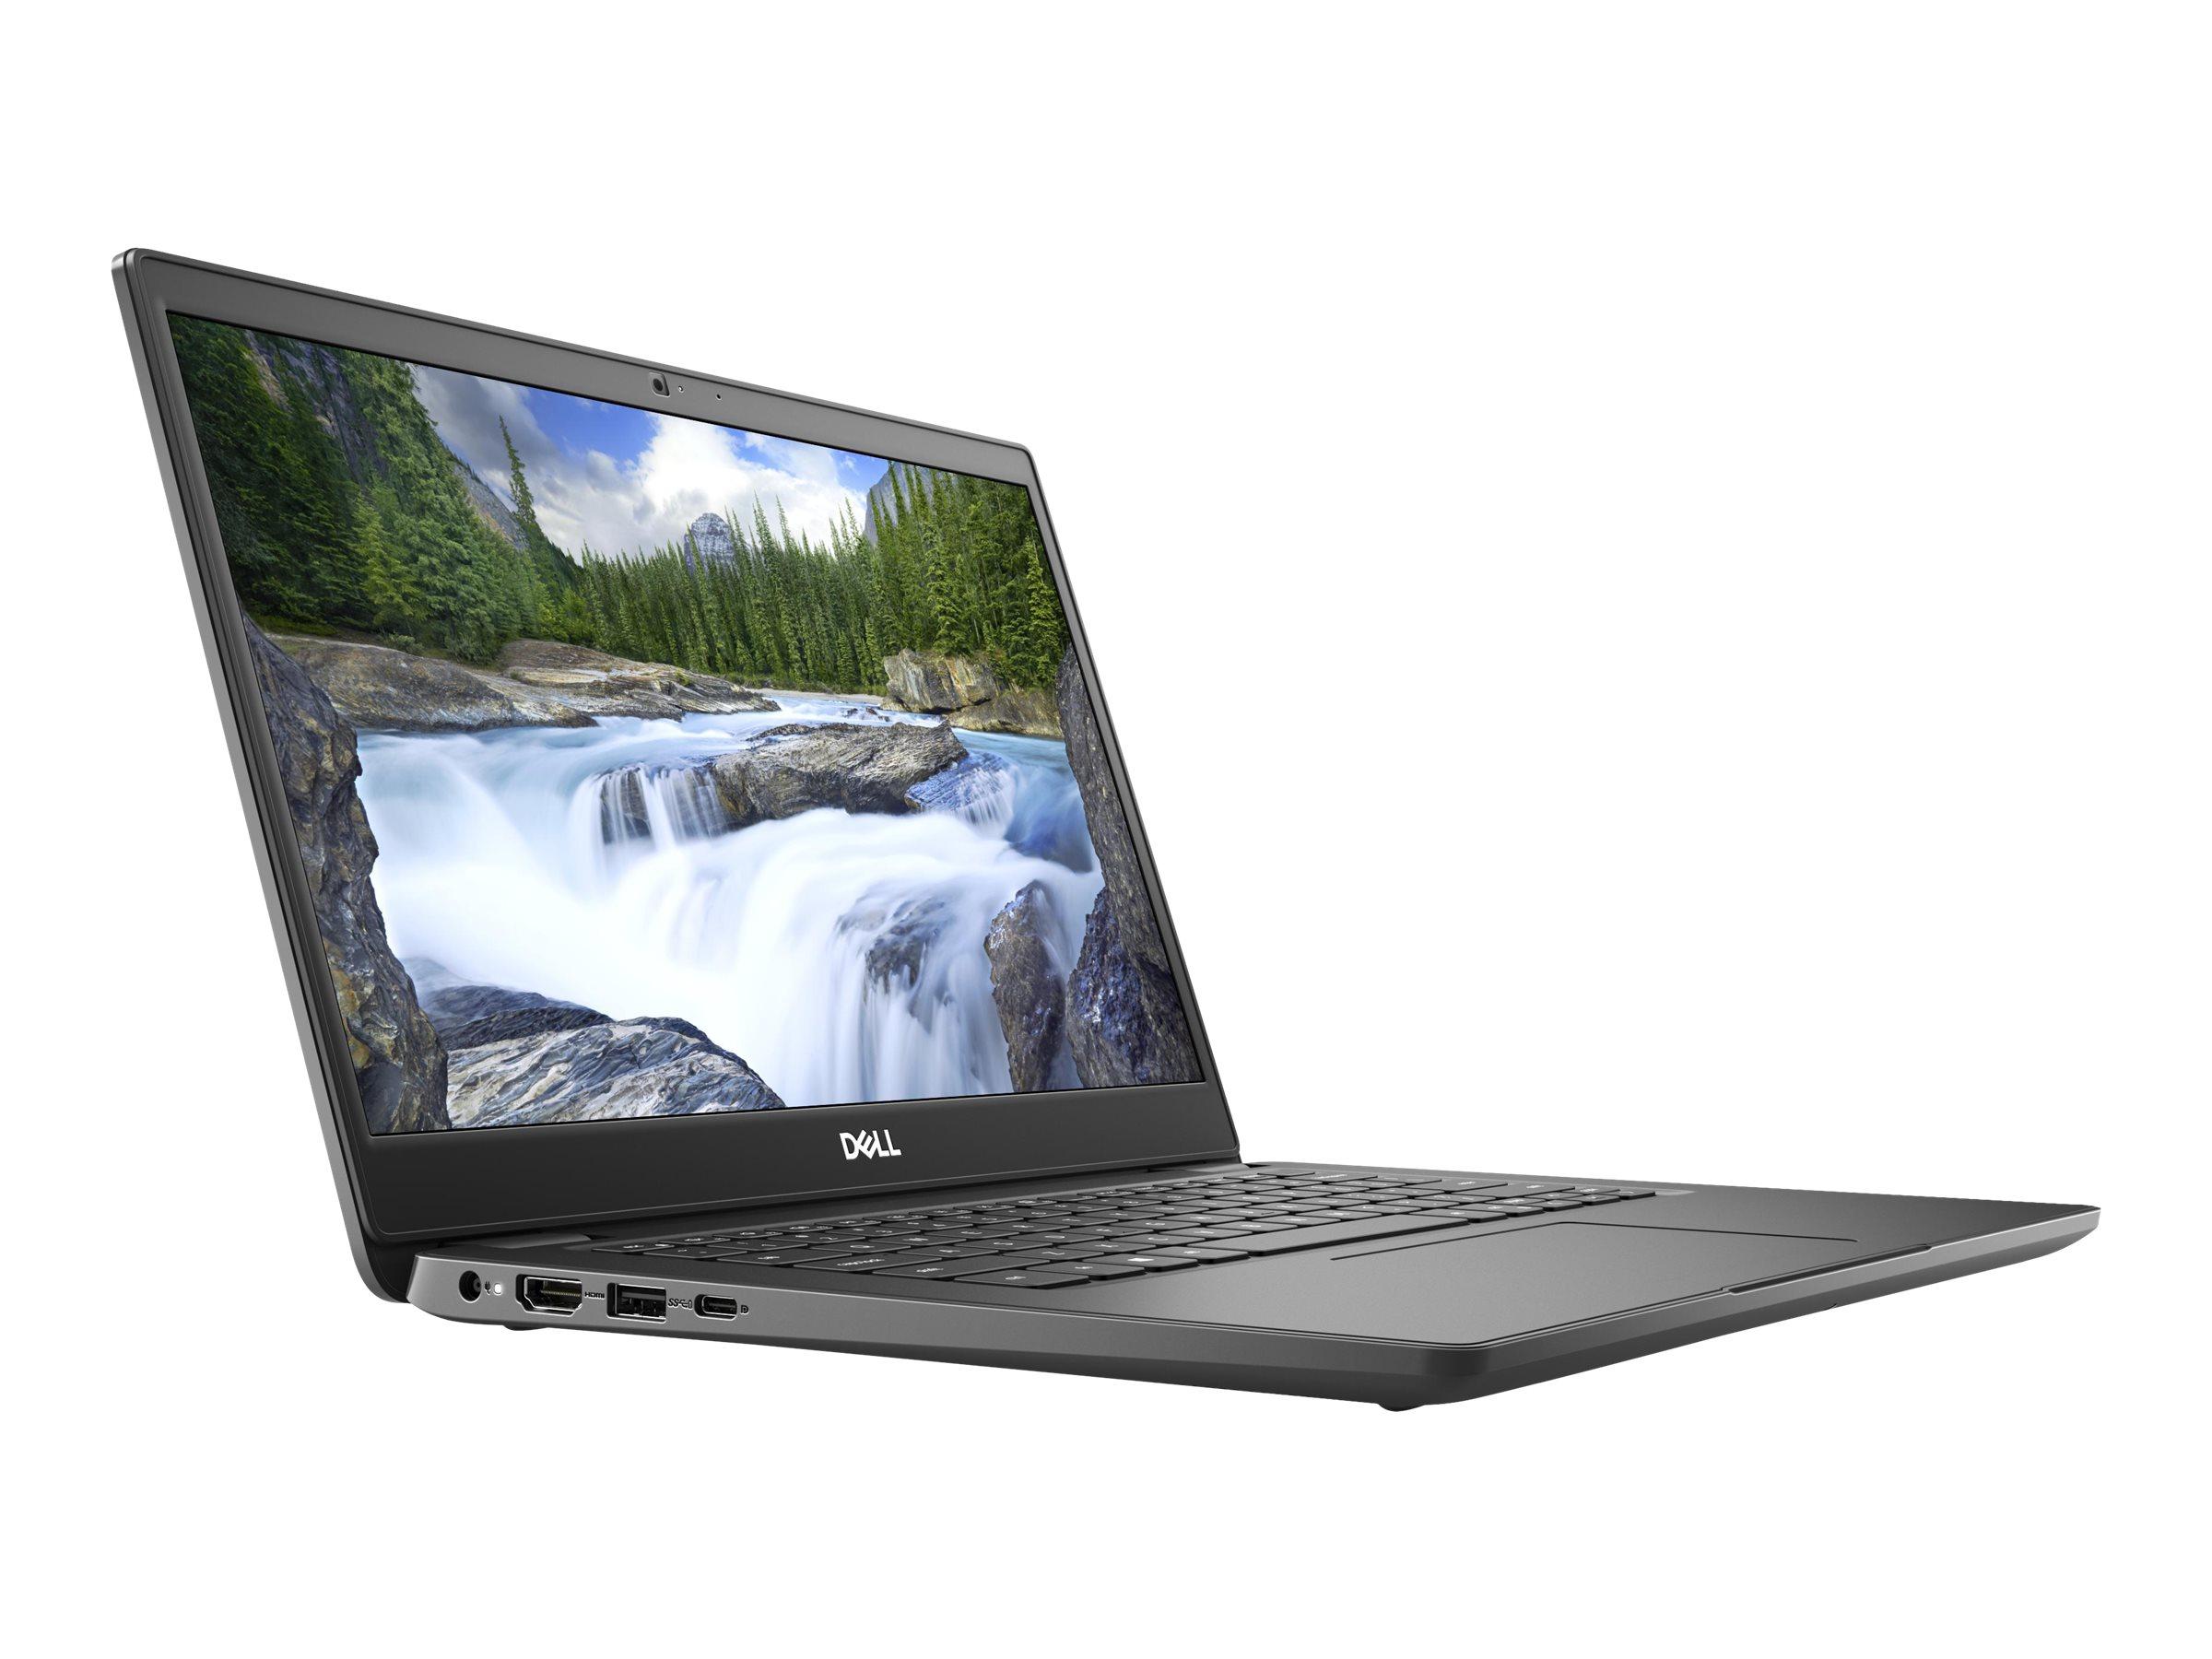 """Image de Dell Latitude 3410 - Core i5 10210U / 1.6 GHz - Win 10 Pro 64 bits - 8 Go RAM - 256 Go SSD - 14"""" 1920 x 1080 (Full HD) @ 60 Hz - UHD Graphics - Wi-Fi, Bluetooth - BTS - avec 1 an basique sur site"""